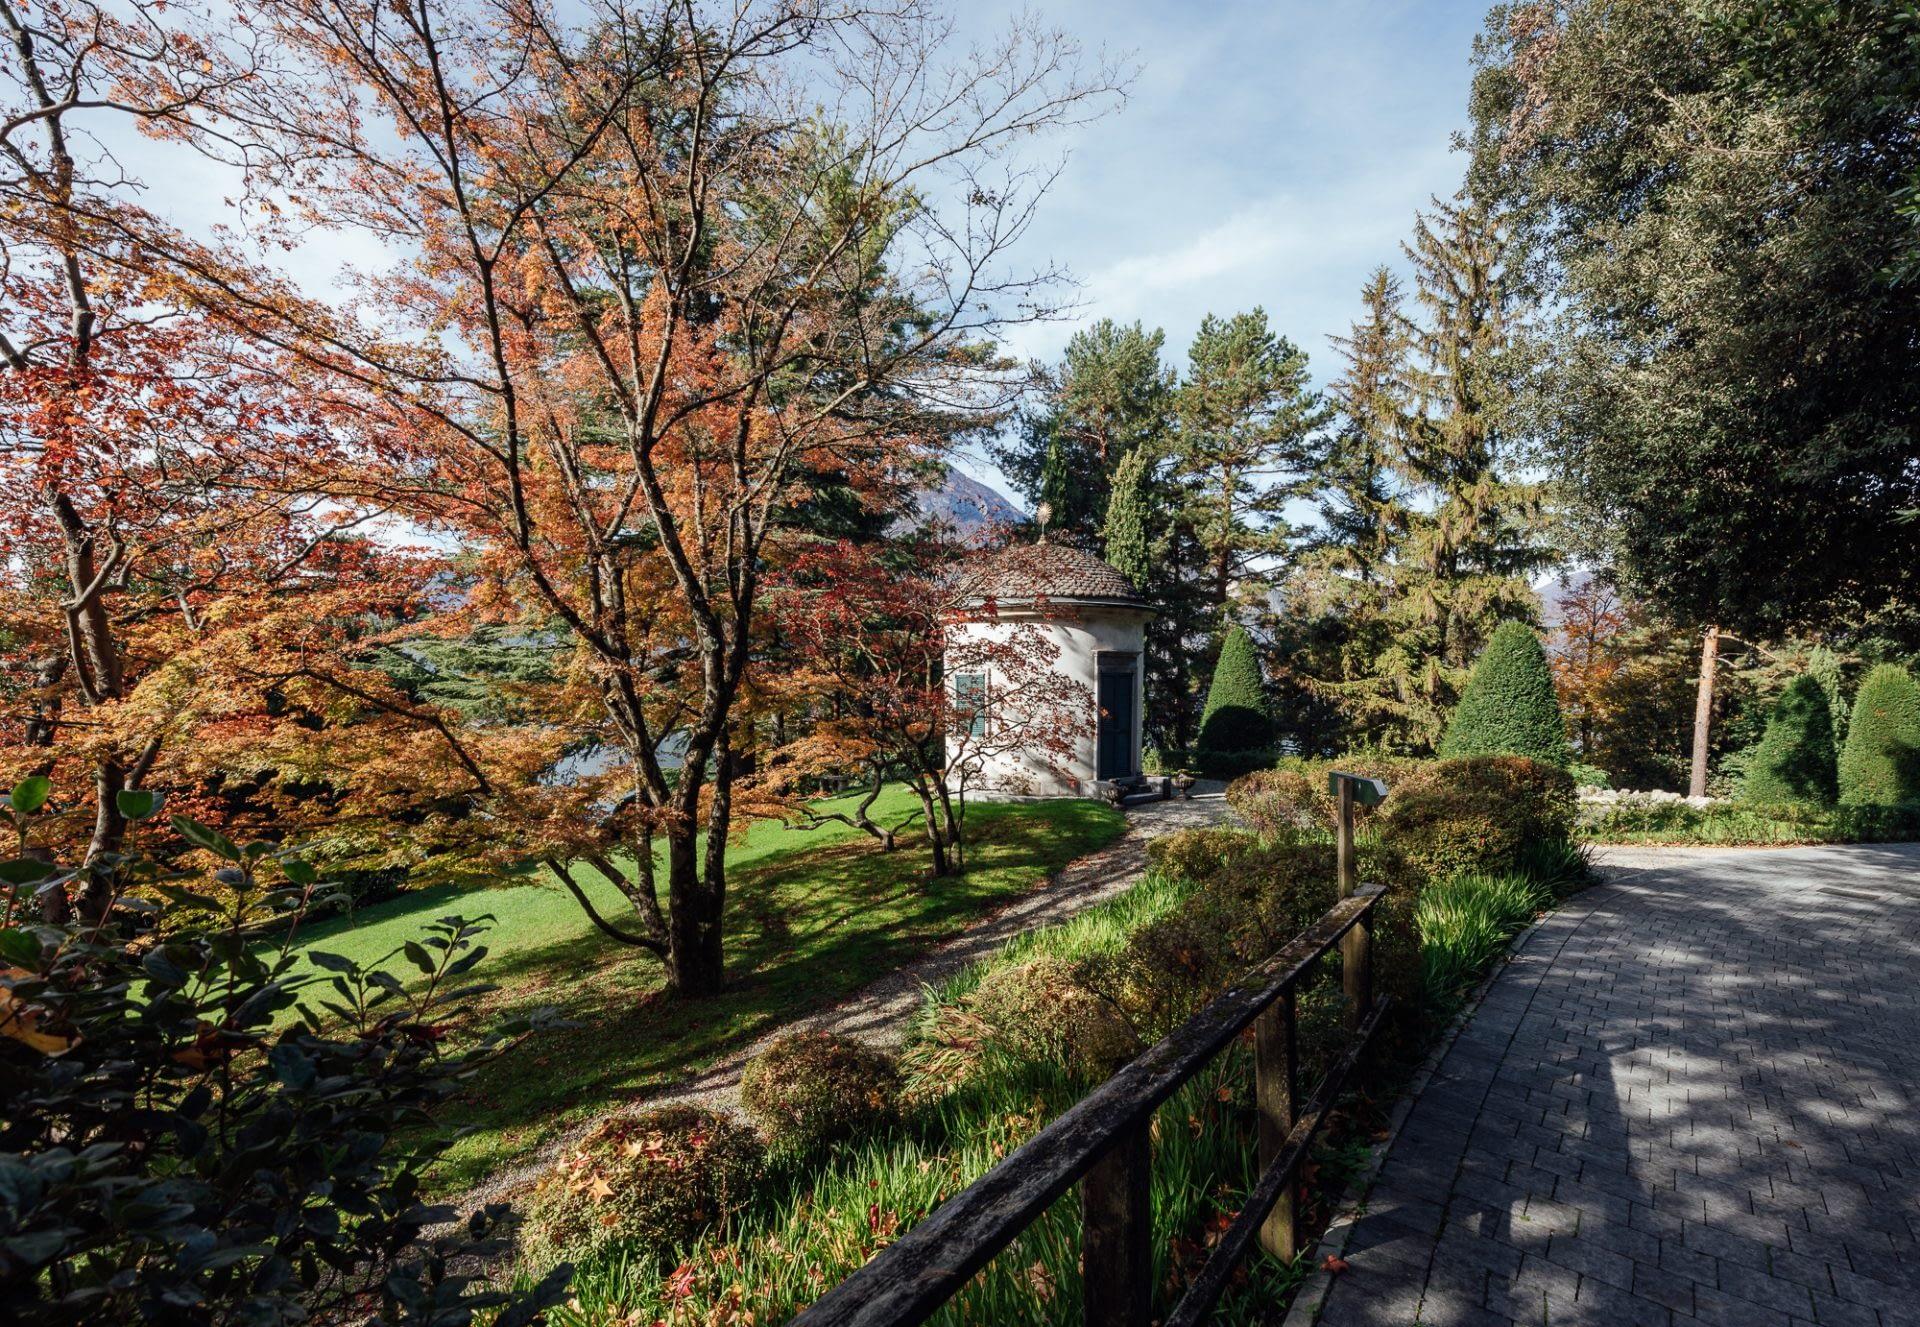 viale Villa Serbelloni